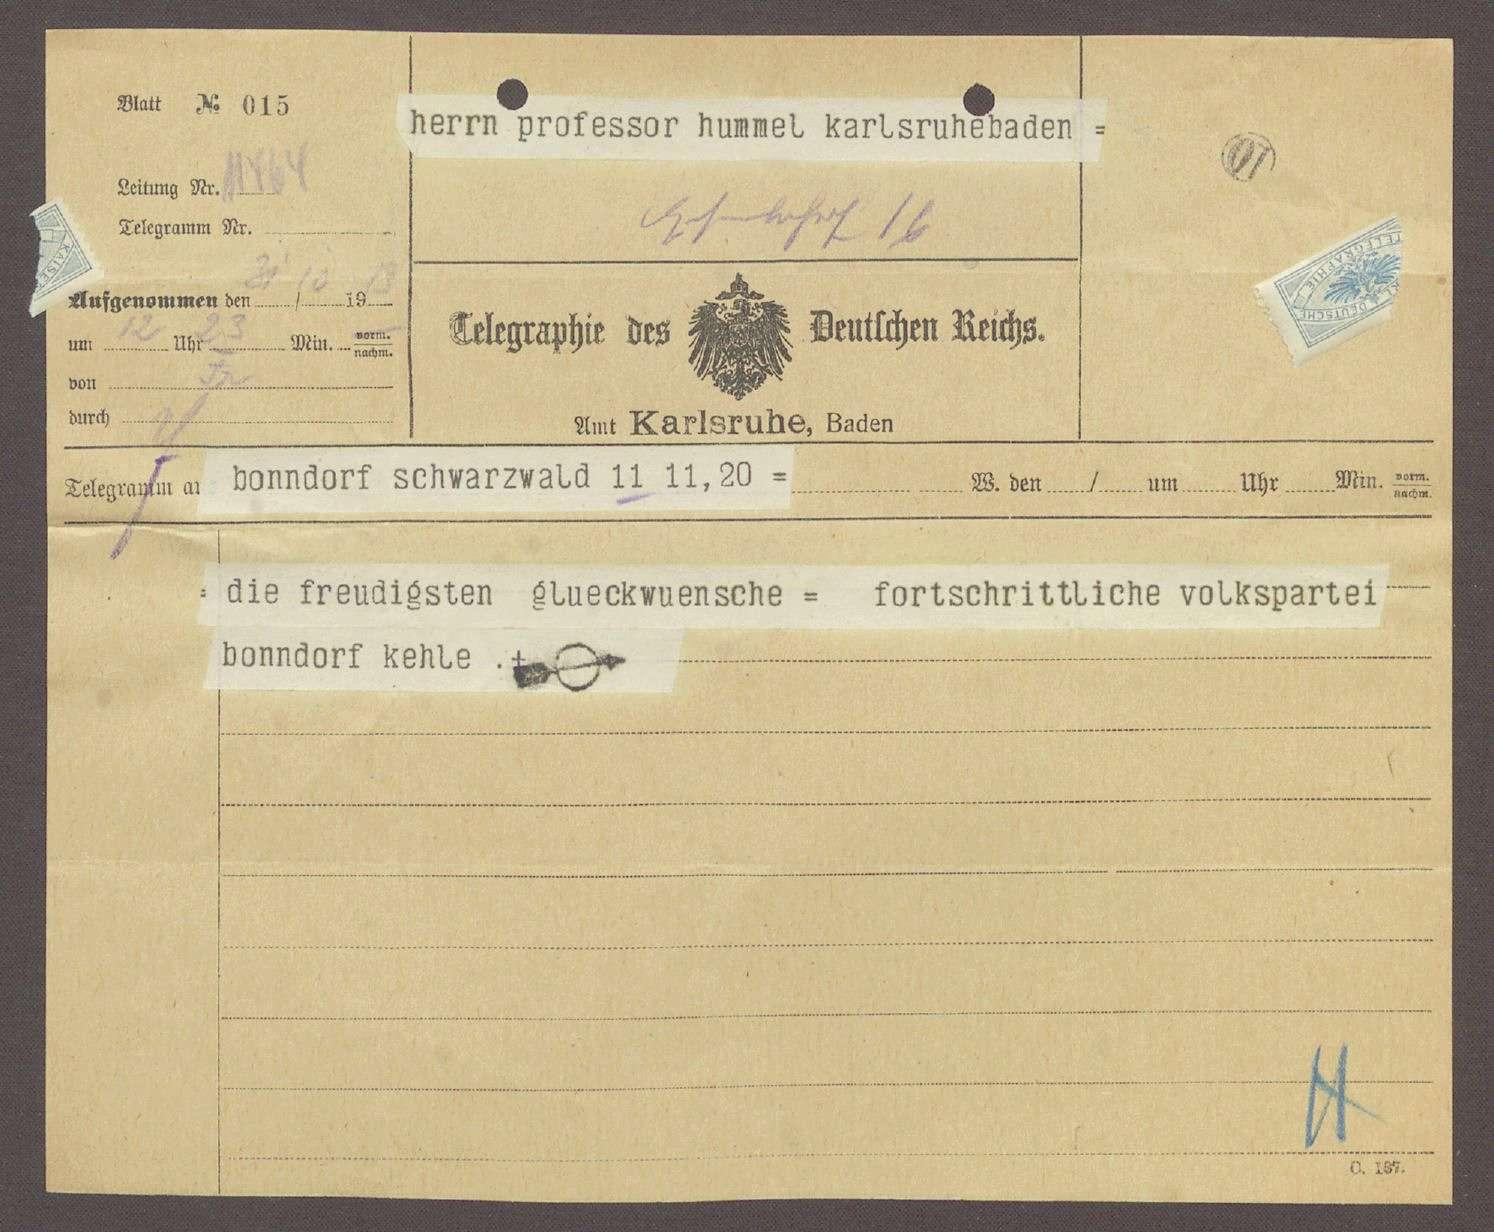 Glückwunschtelegramm von Herrn Kehle, Fortschrittliche Volkspartei, Bonndorf, an Hermann Hummel, 1 Telegramm, Bild 1